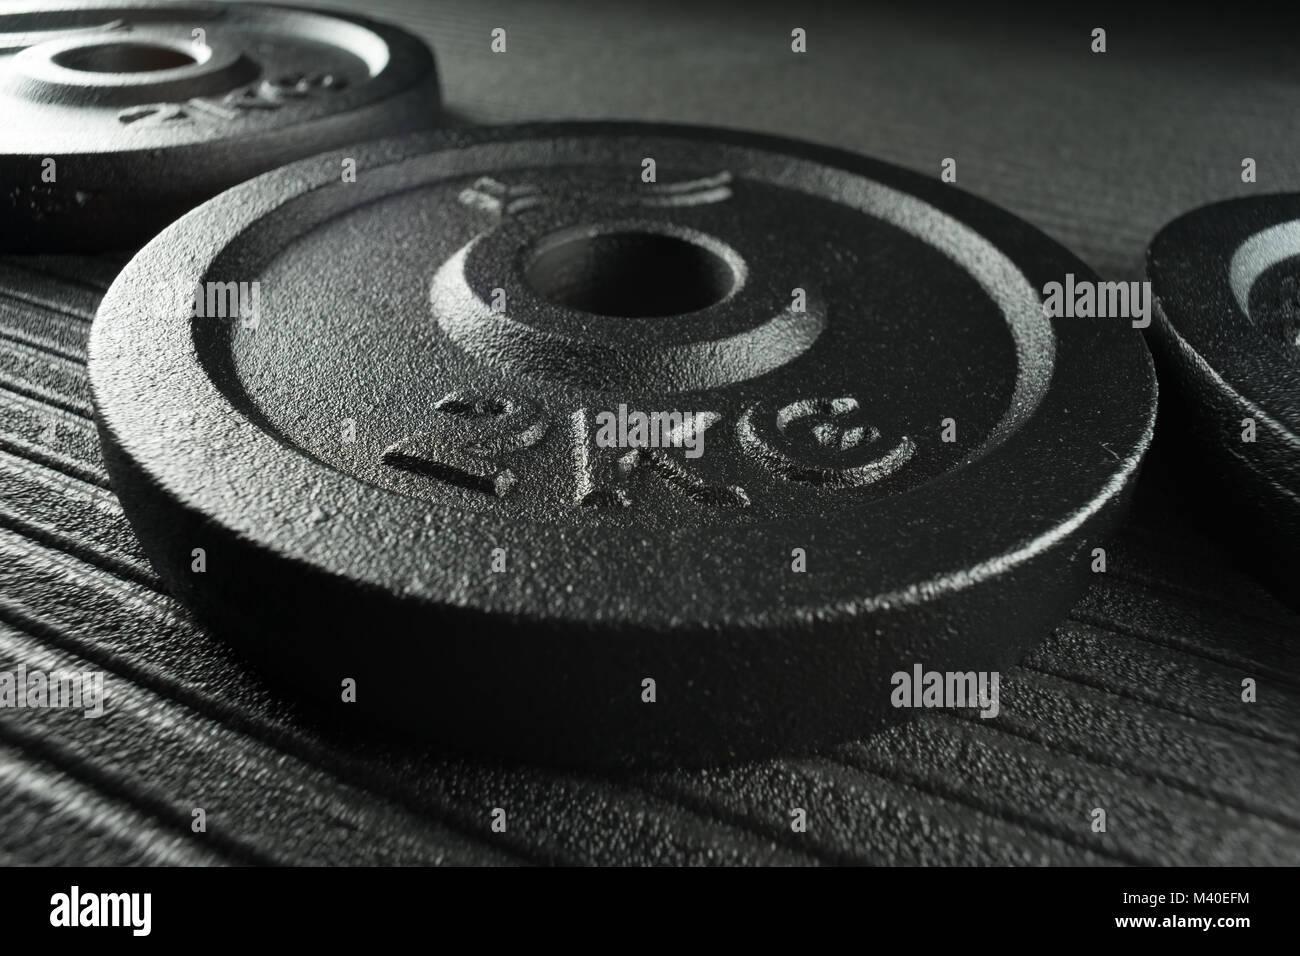 Les plaques de poids d'haltère sur un studio de remise en forme / fitness musculation marbre Photo Stock